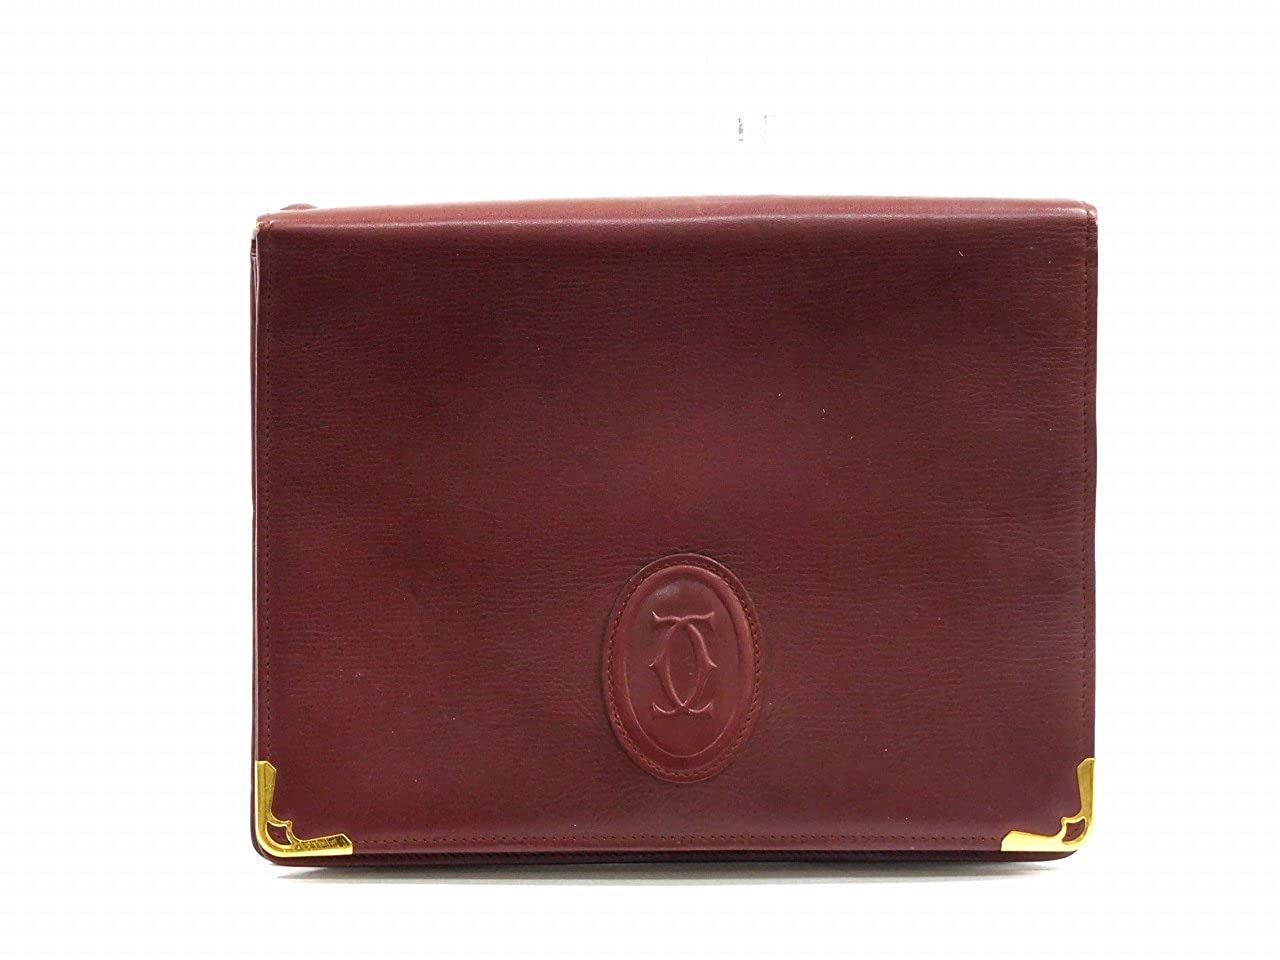 [カルティエ] Cartier セカンドバッグ レザー X11796 中古   B01H6Y2CDK